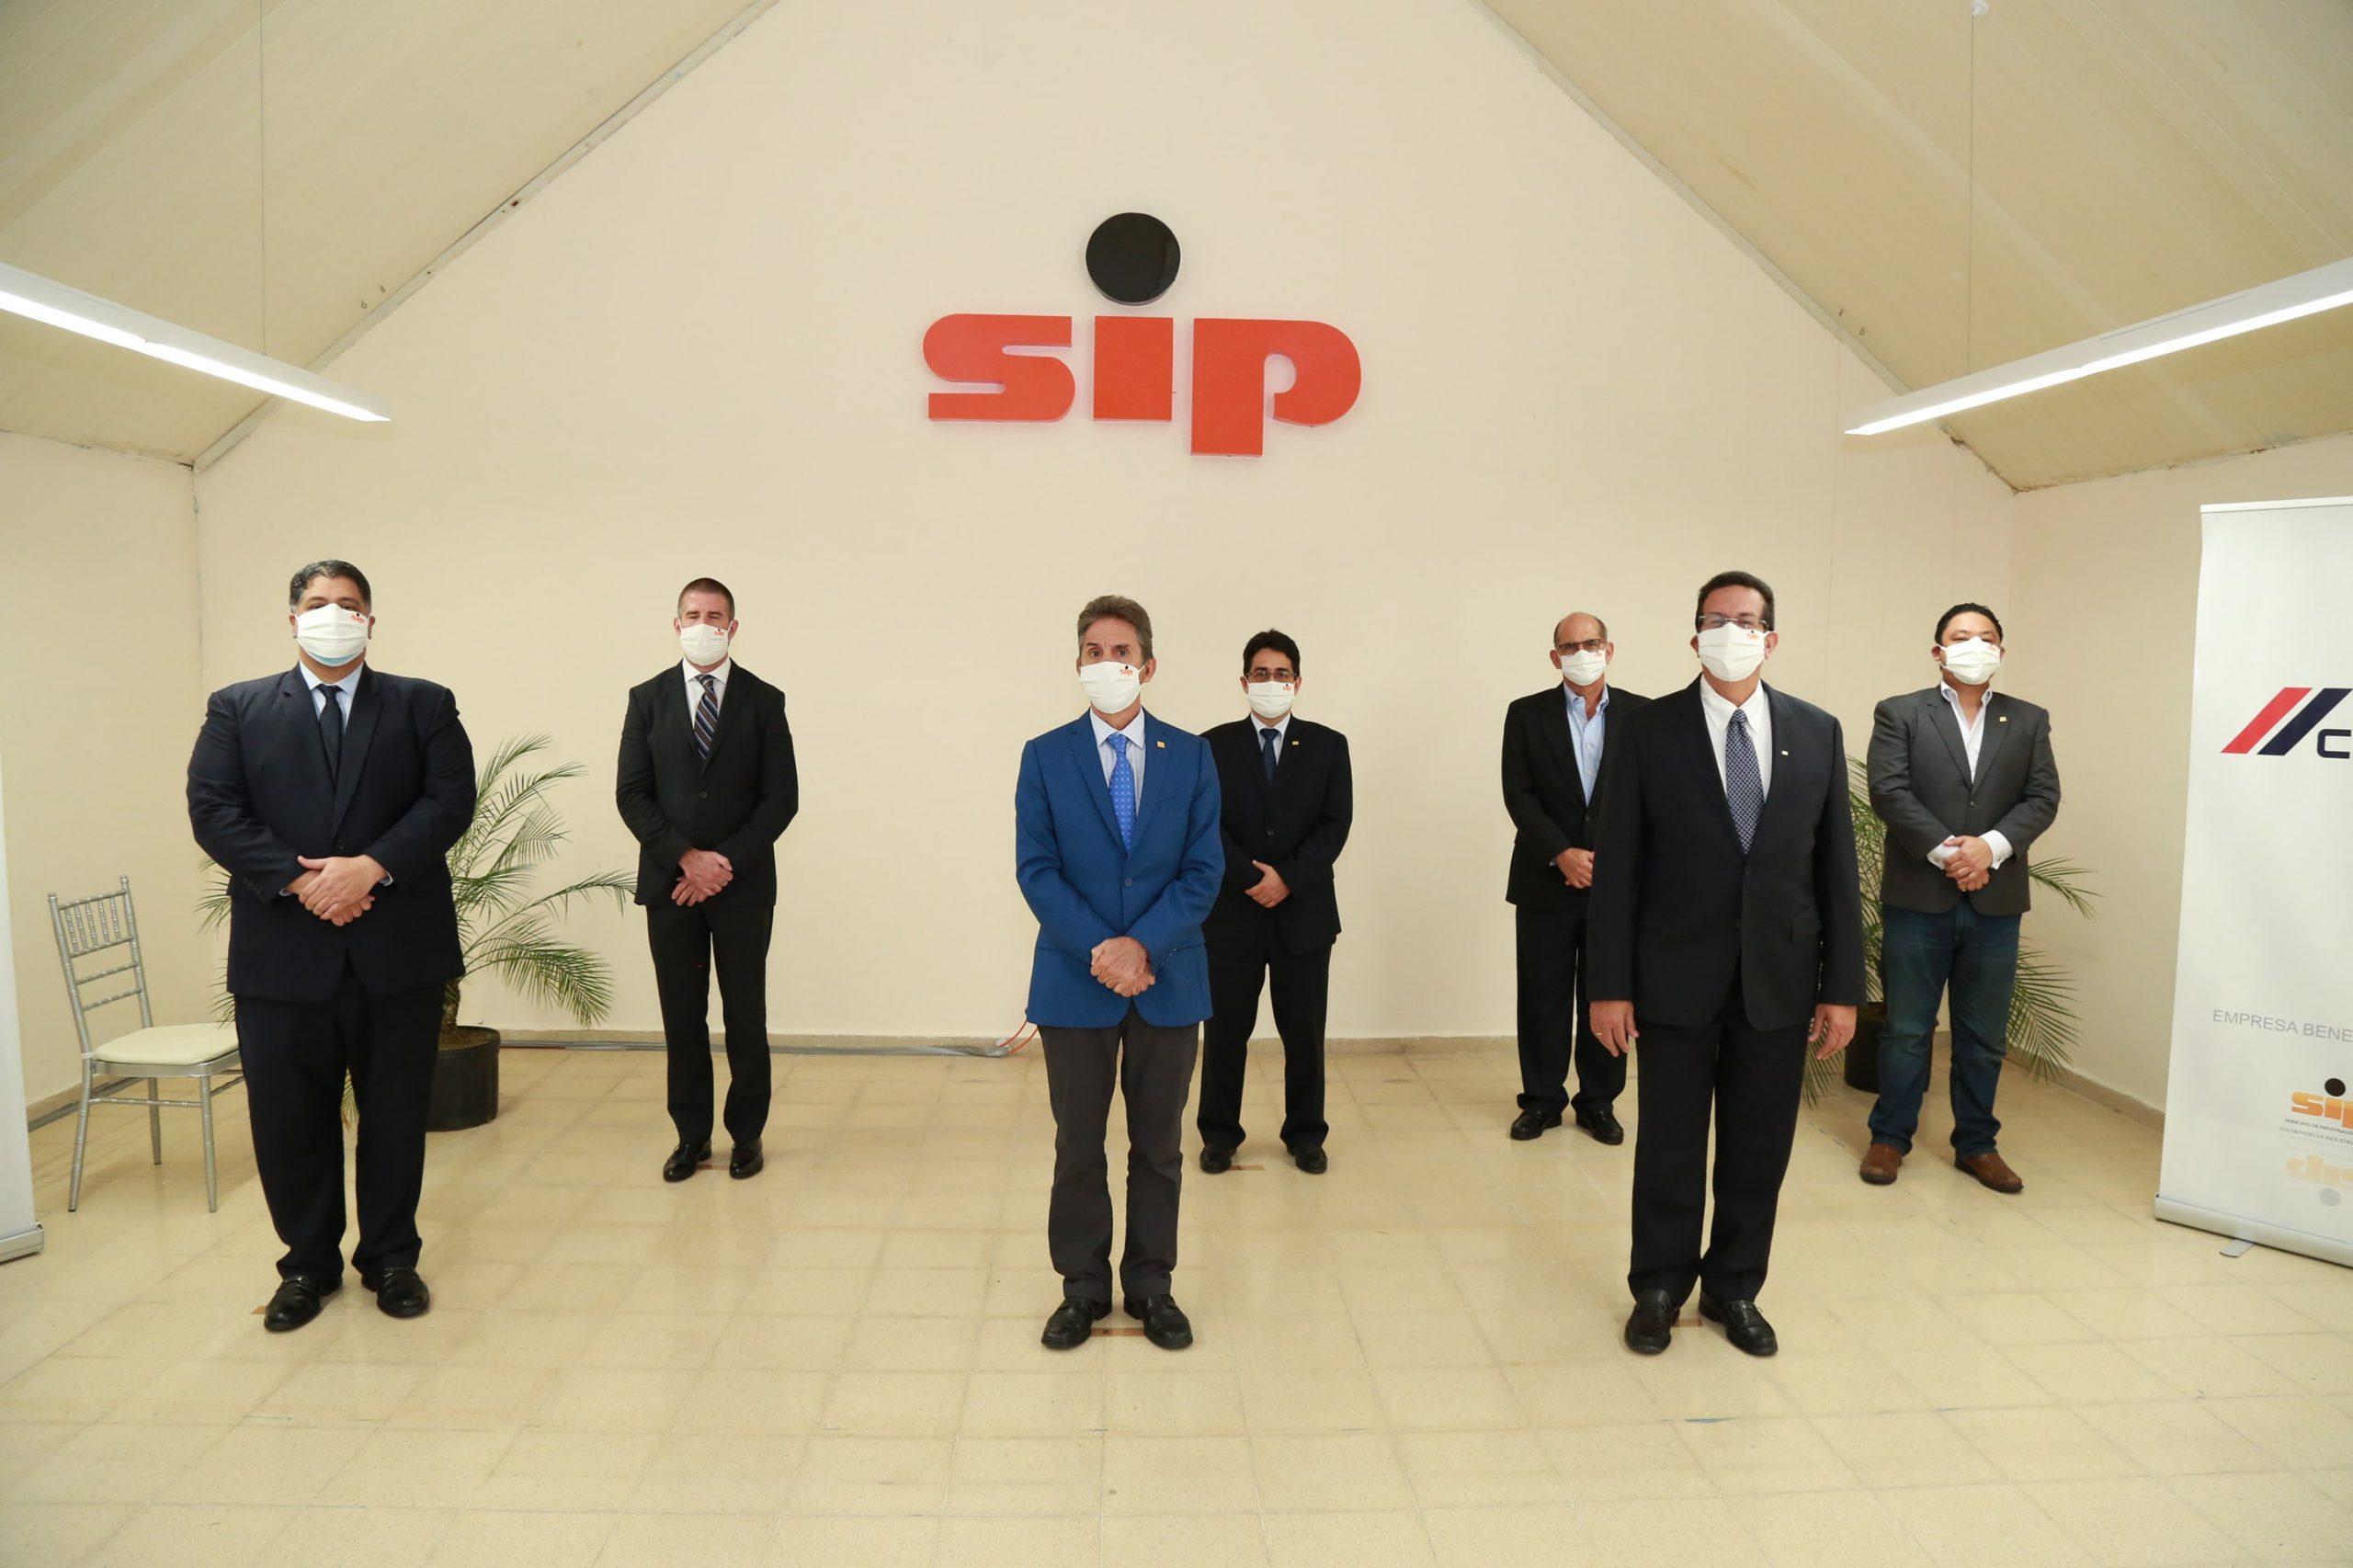 EMPRESARIALES EVENTOS  | Juramentación del SIP